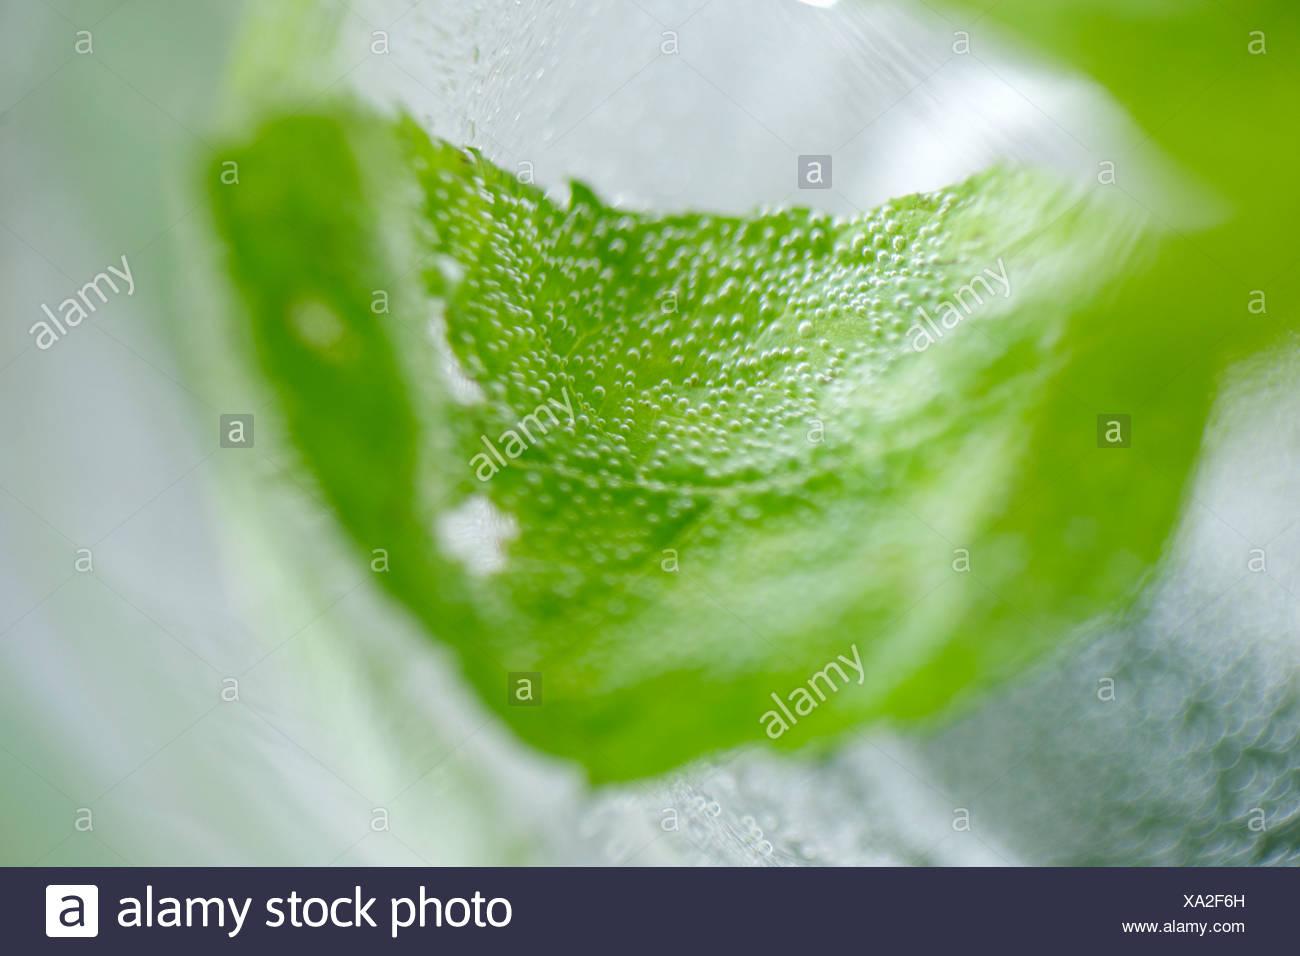 Feuille de menthe fraîche dans un verre d'eau Photo Stock